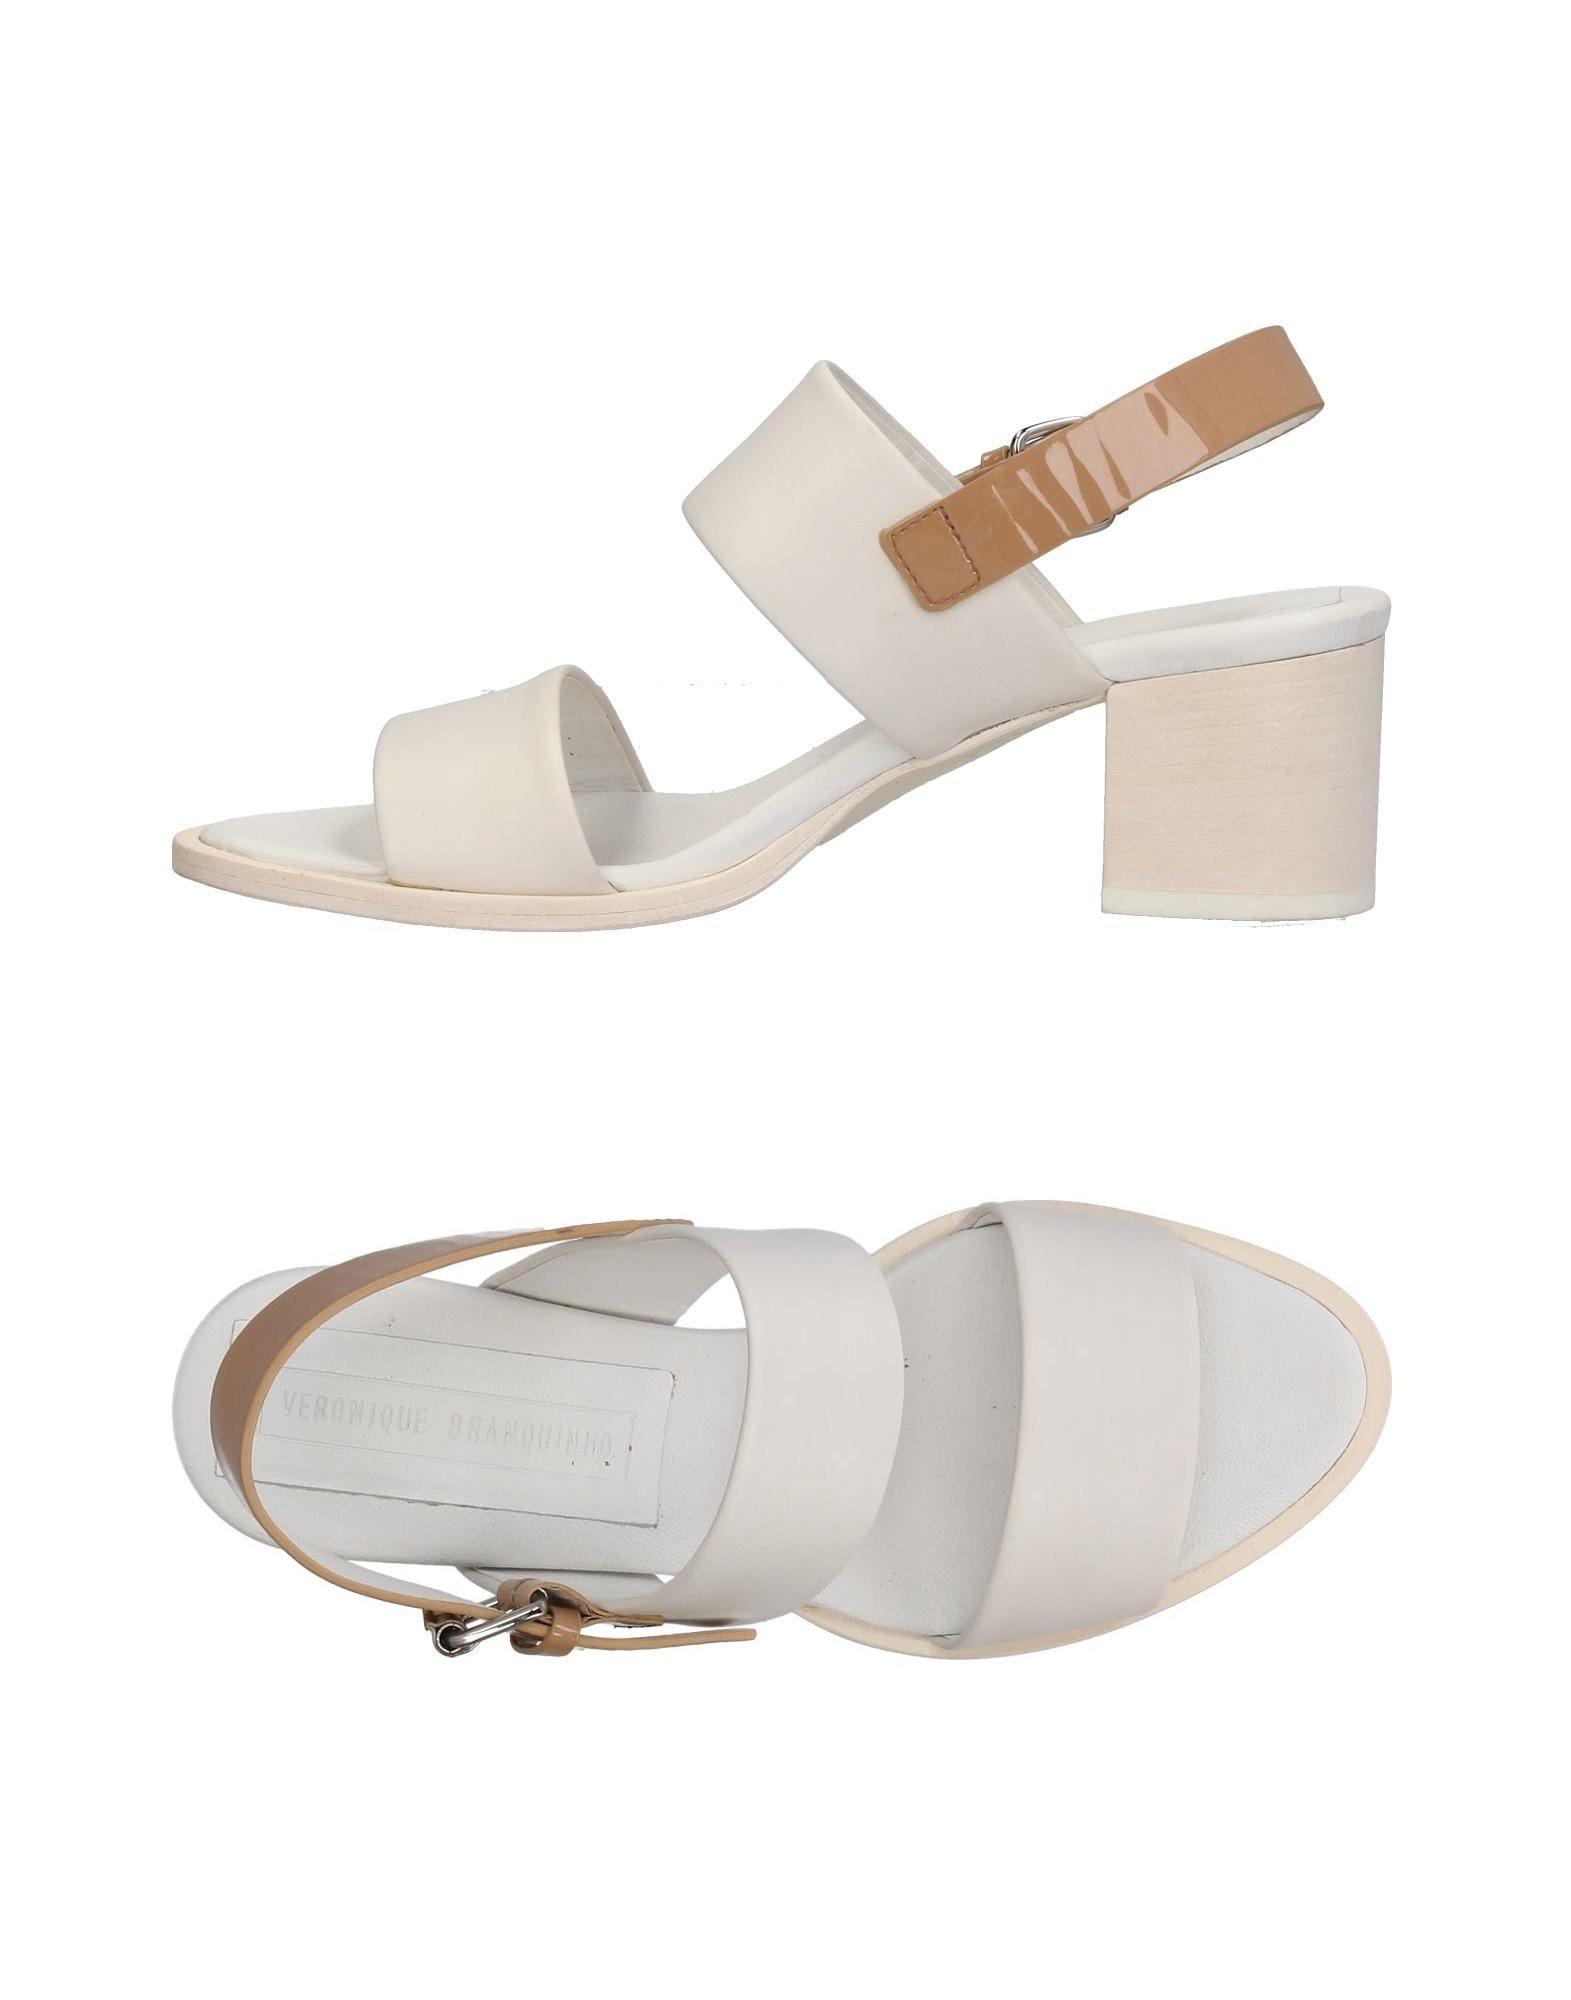 Veronique Branquinho Sandalen Damen  11410100IL Gute Qualität beliebte Schuhe